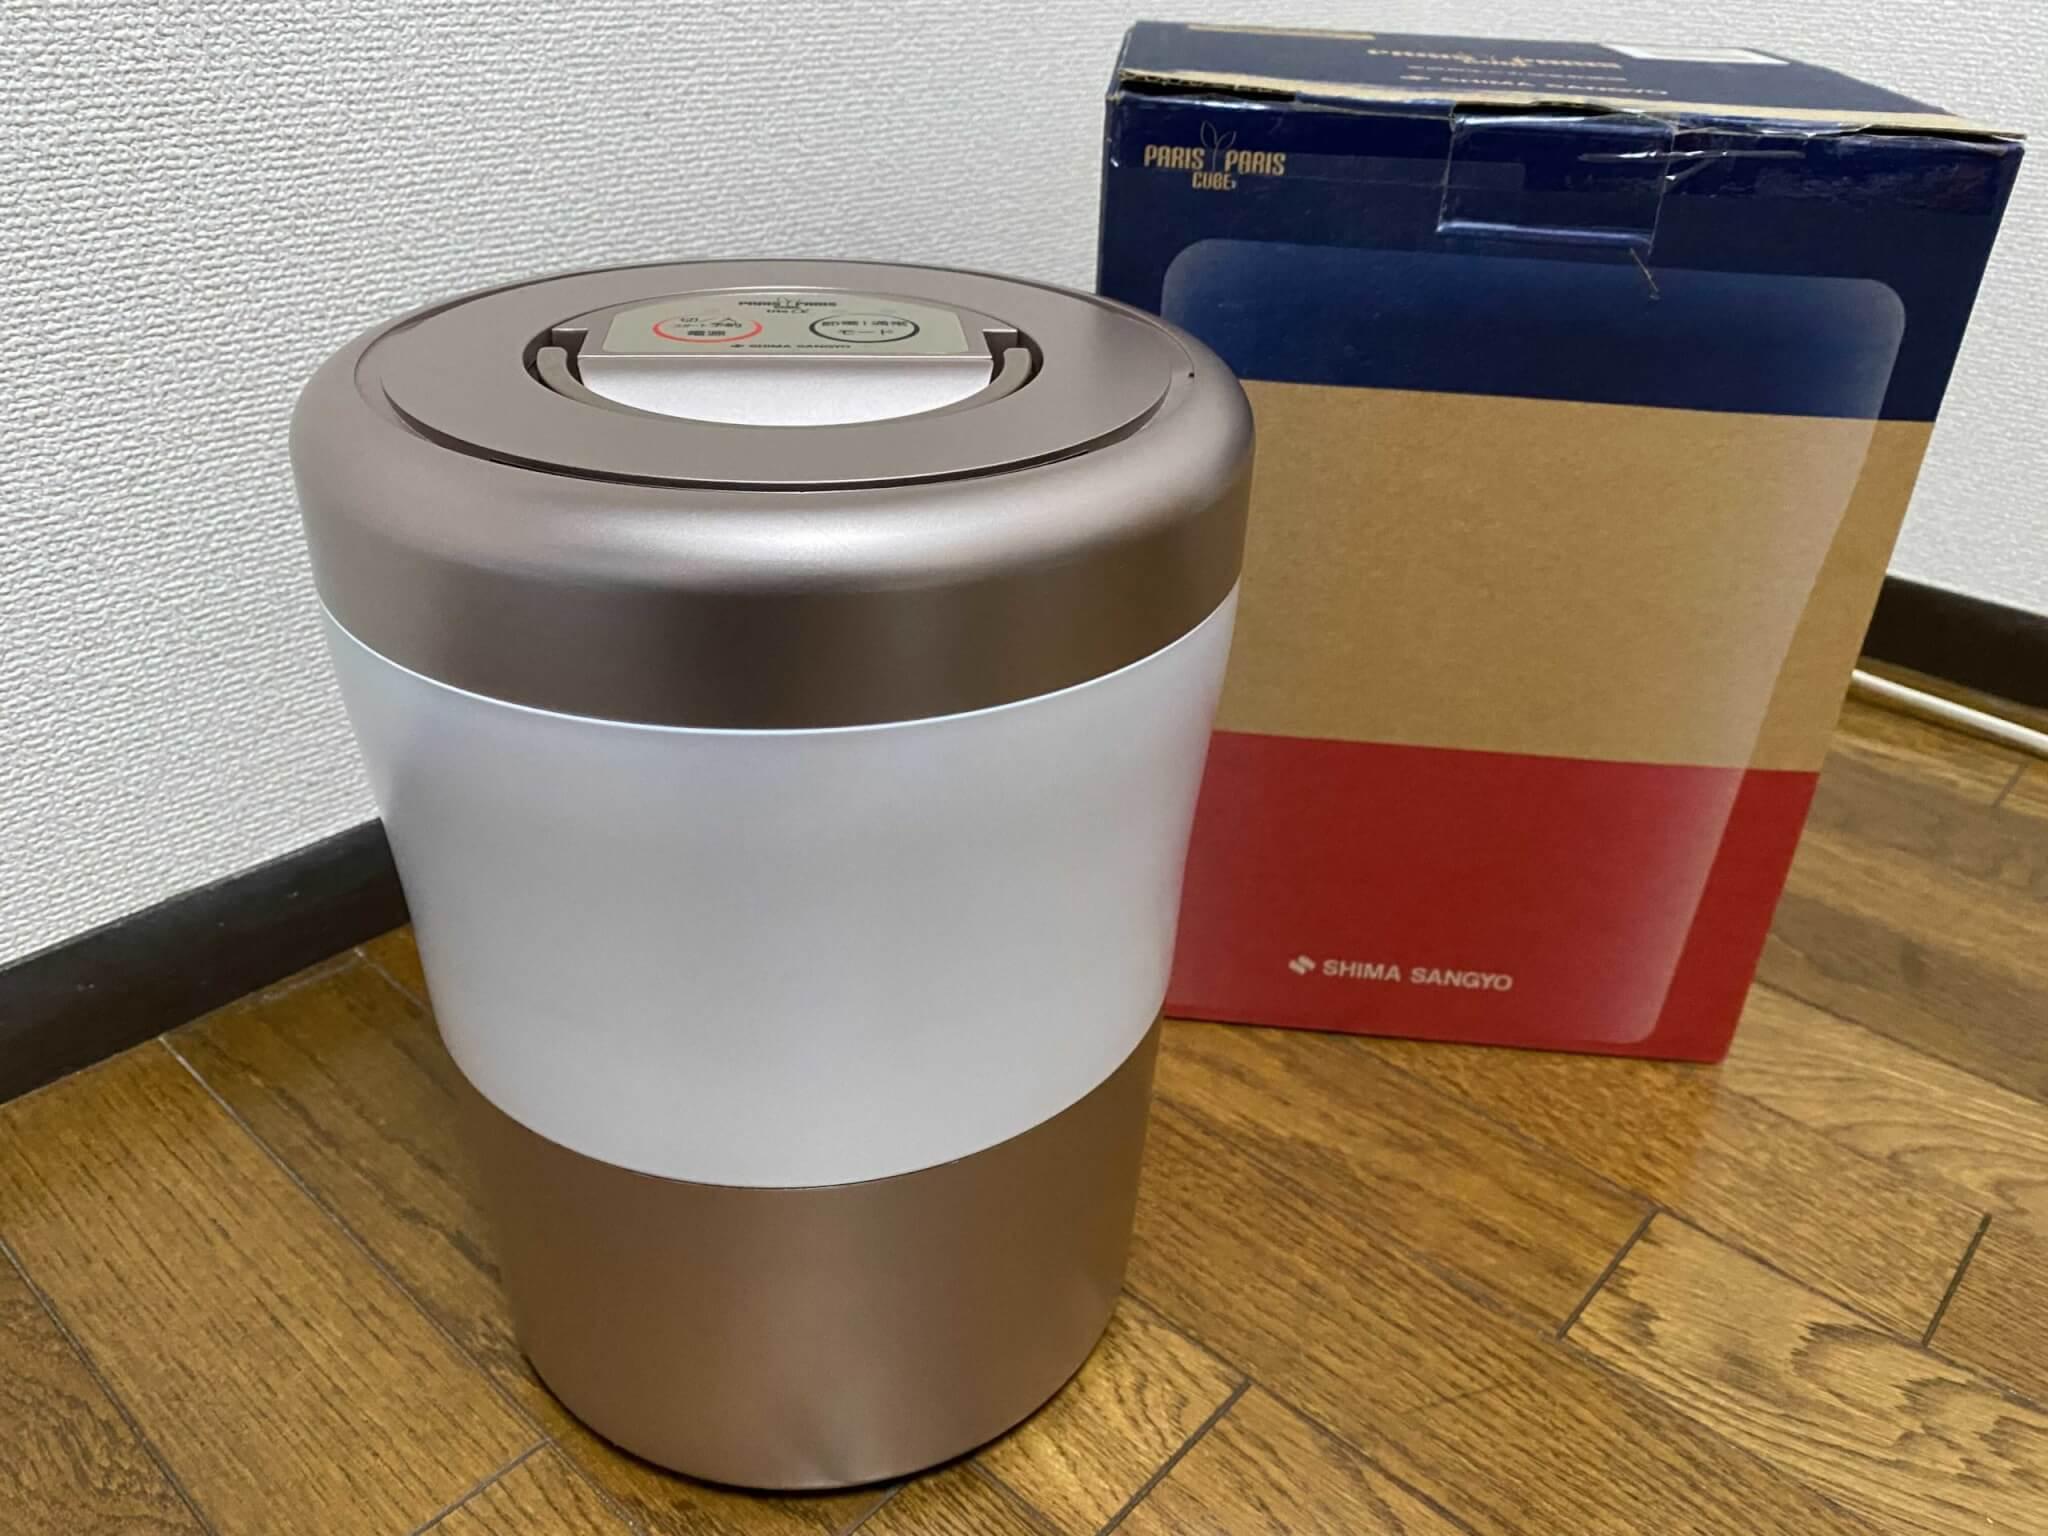 パリパリキューブライトアルファ PCL-33使用レビュー。自宅での生ごみ処理をもっと簡単に!